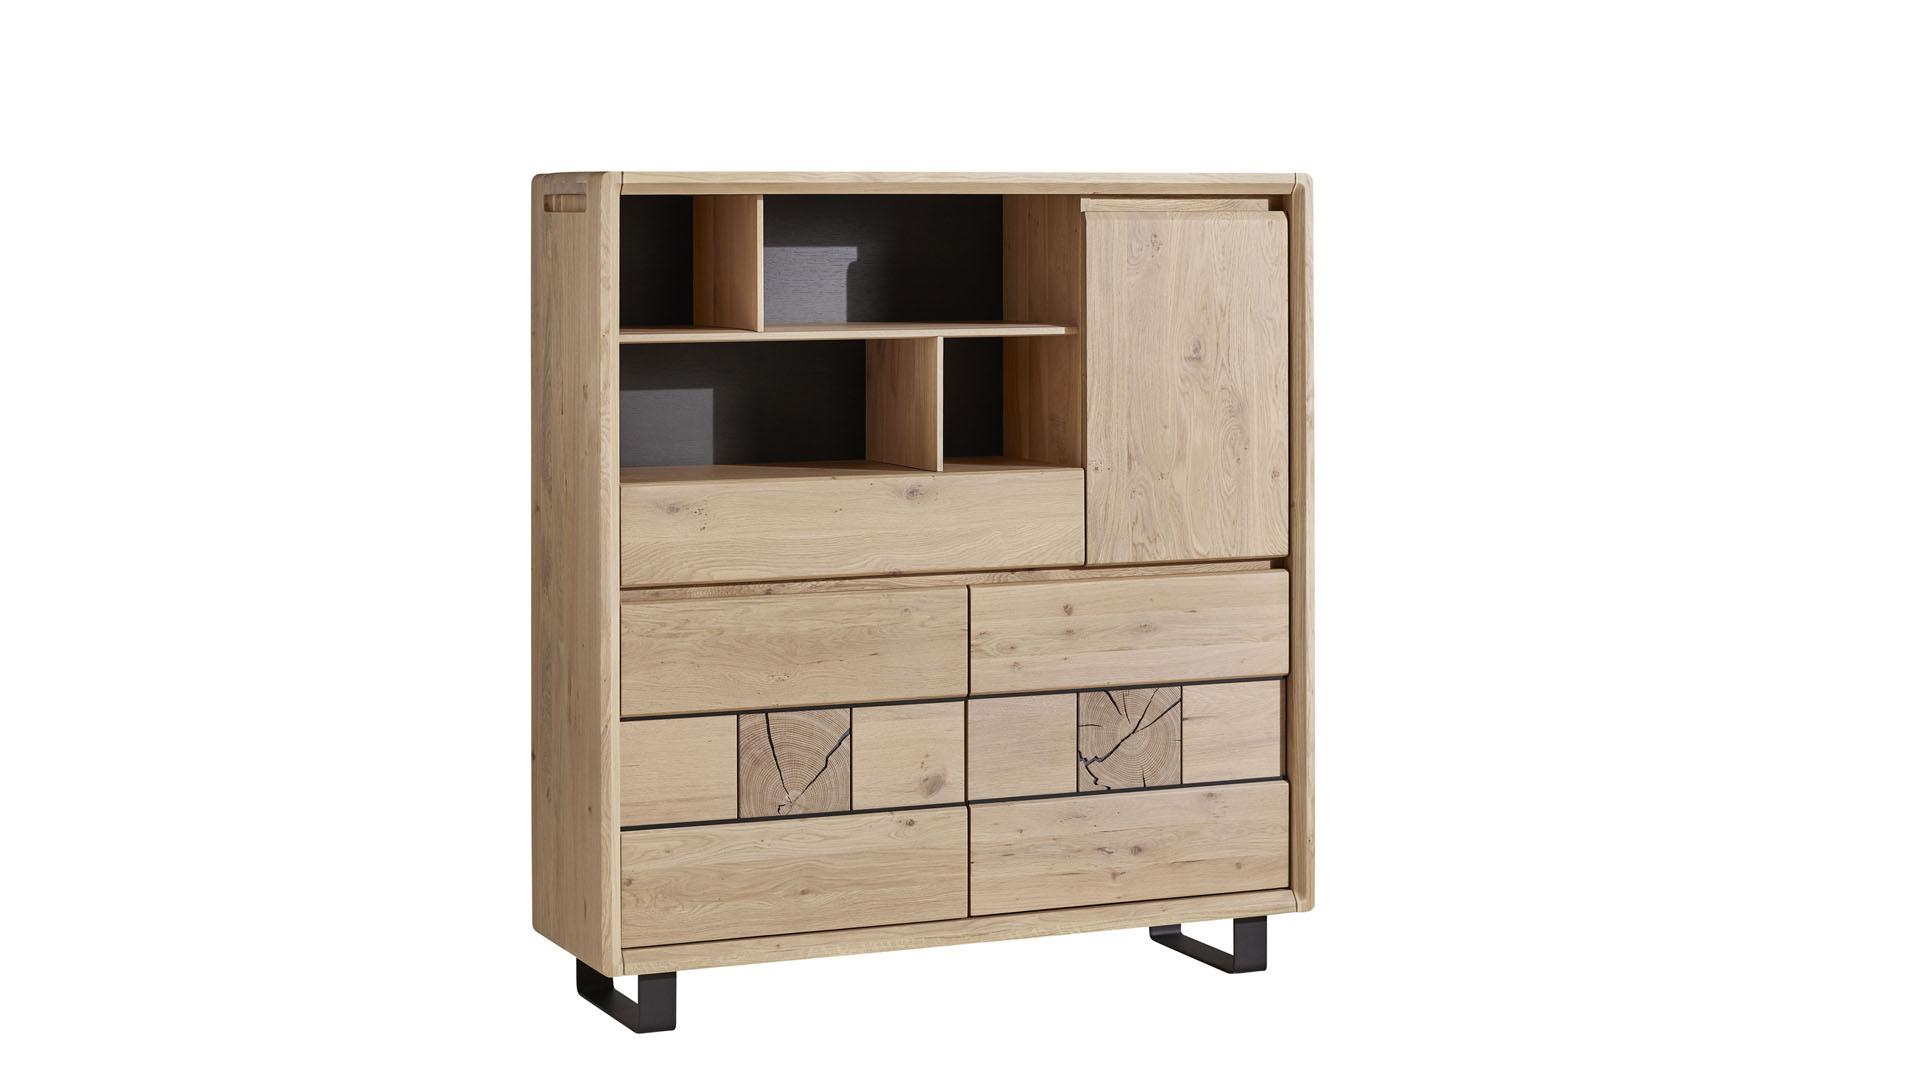 meuble haut de salon bois chene massif qualite francaise ateliers de langres boisetdeco bois deco